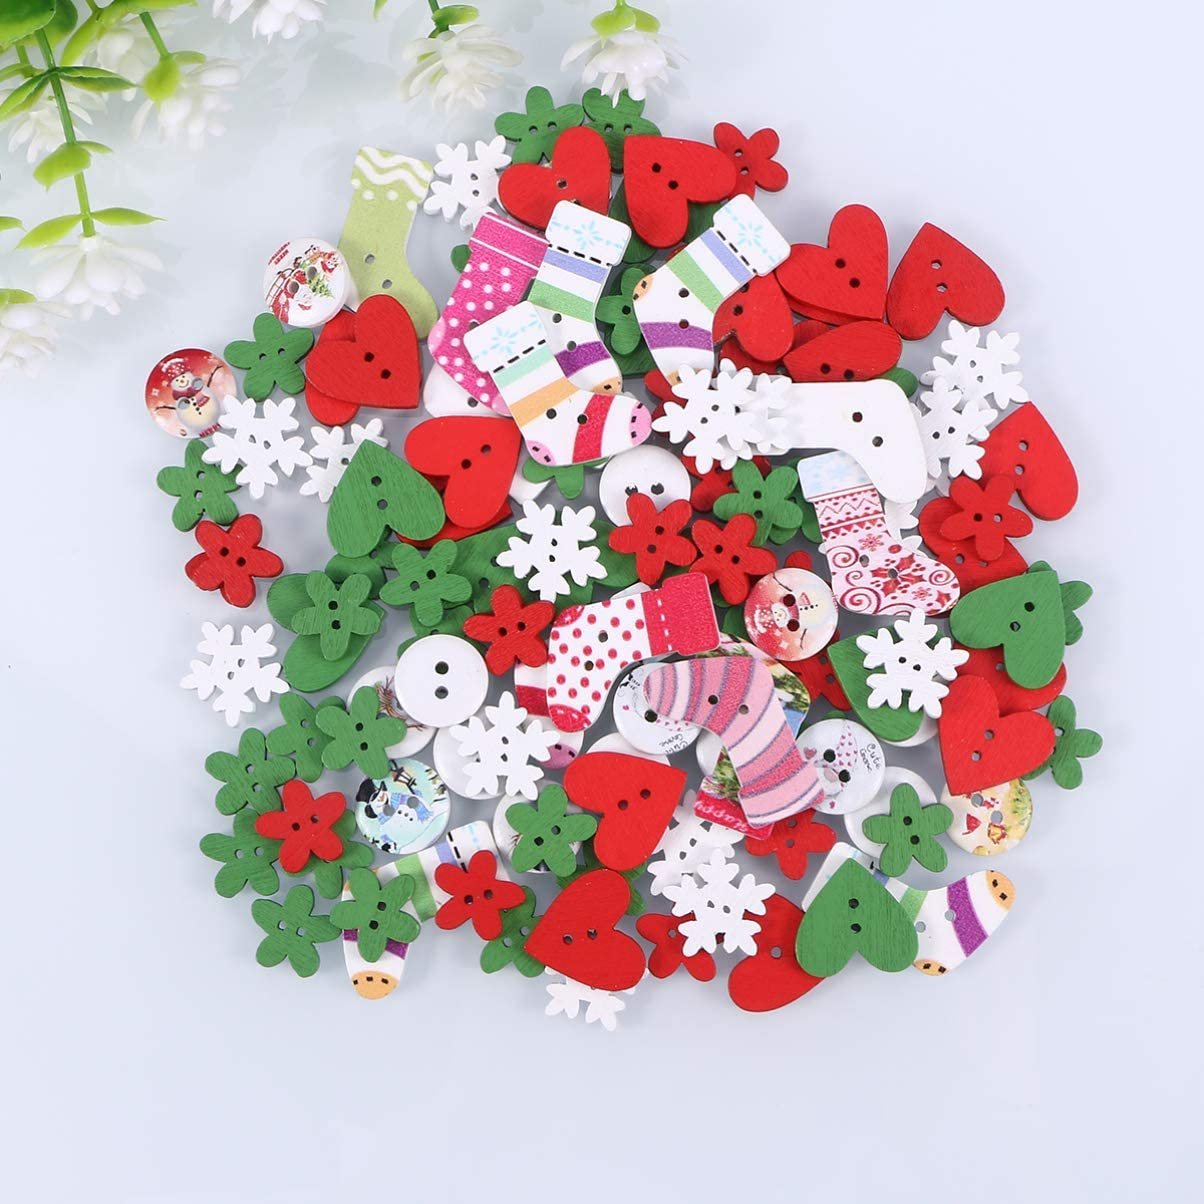 c/œur Amosfun Lot de 120 boutons en bois pour d/écoration de No/ël Motif mini arbre de No/ël flocon de neige